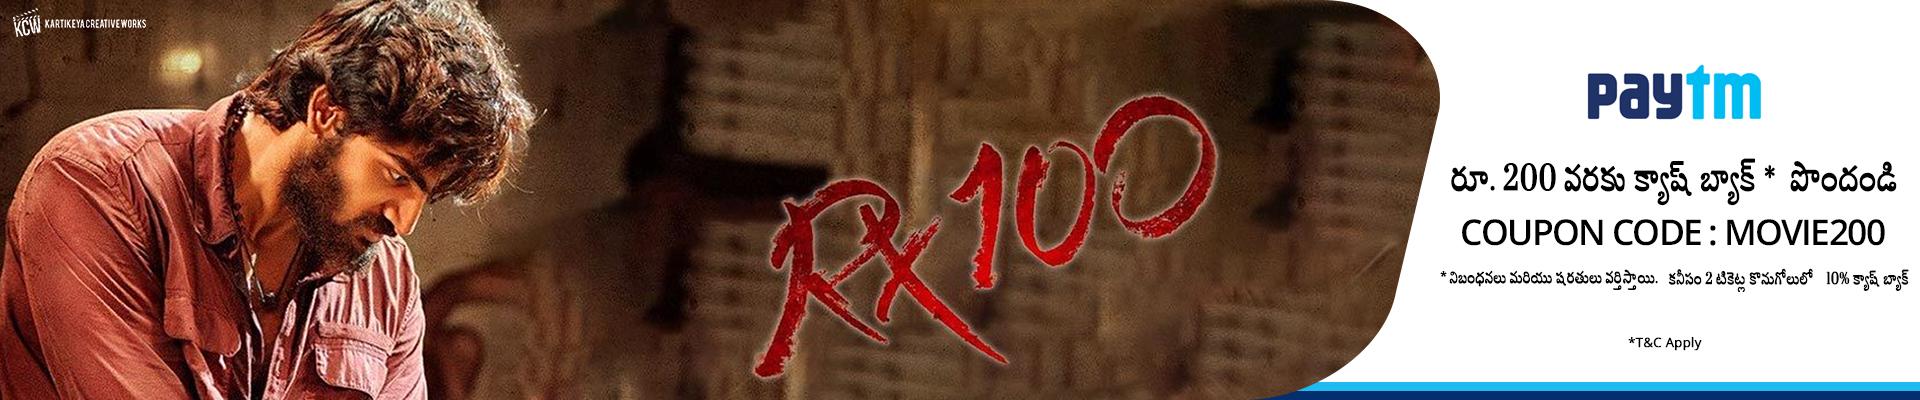 rx100 banner